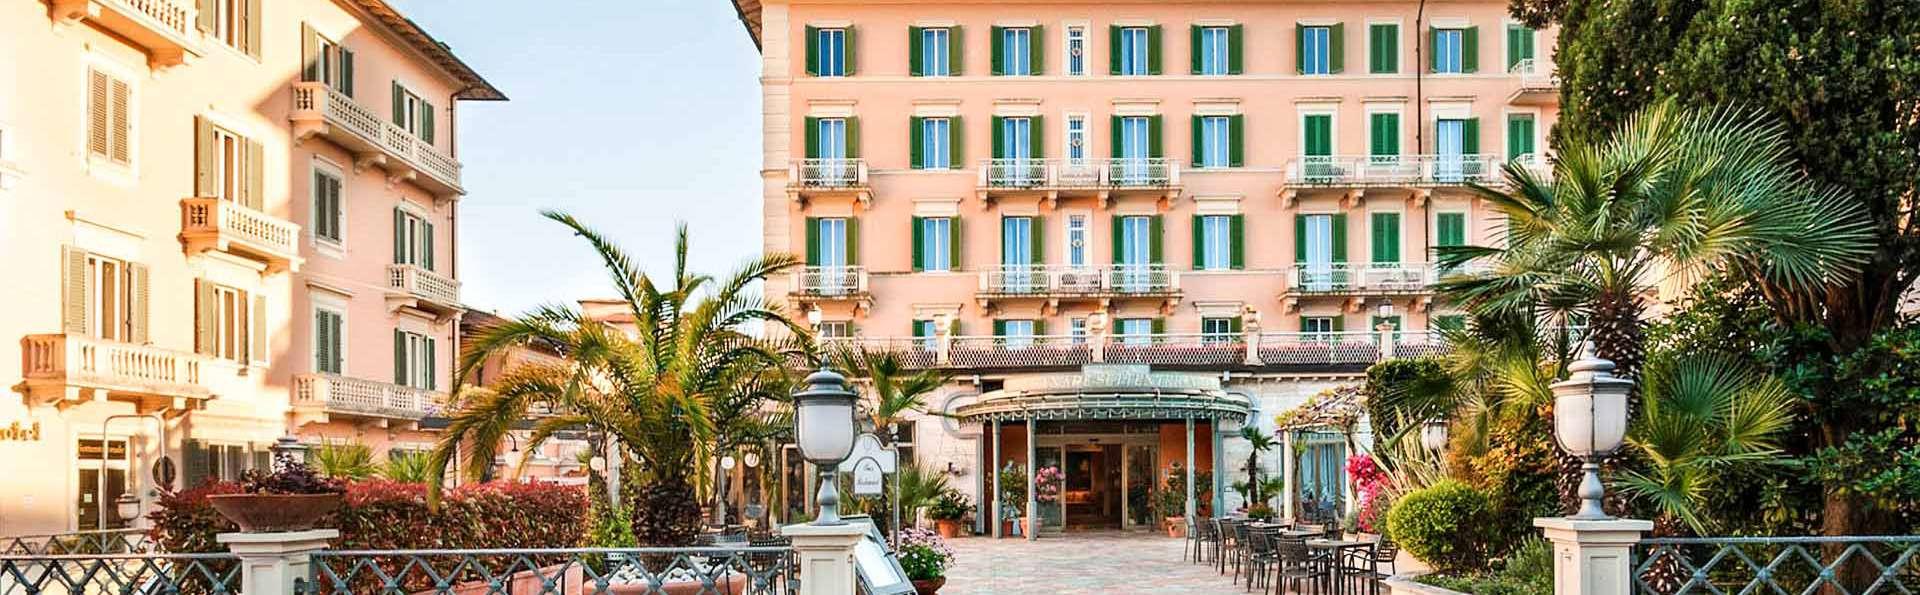 Week-end à Montecatini Terme, dans un élégant hôtel situé dans le centre historique